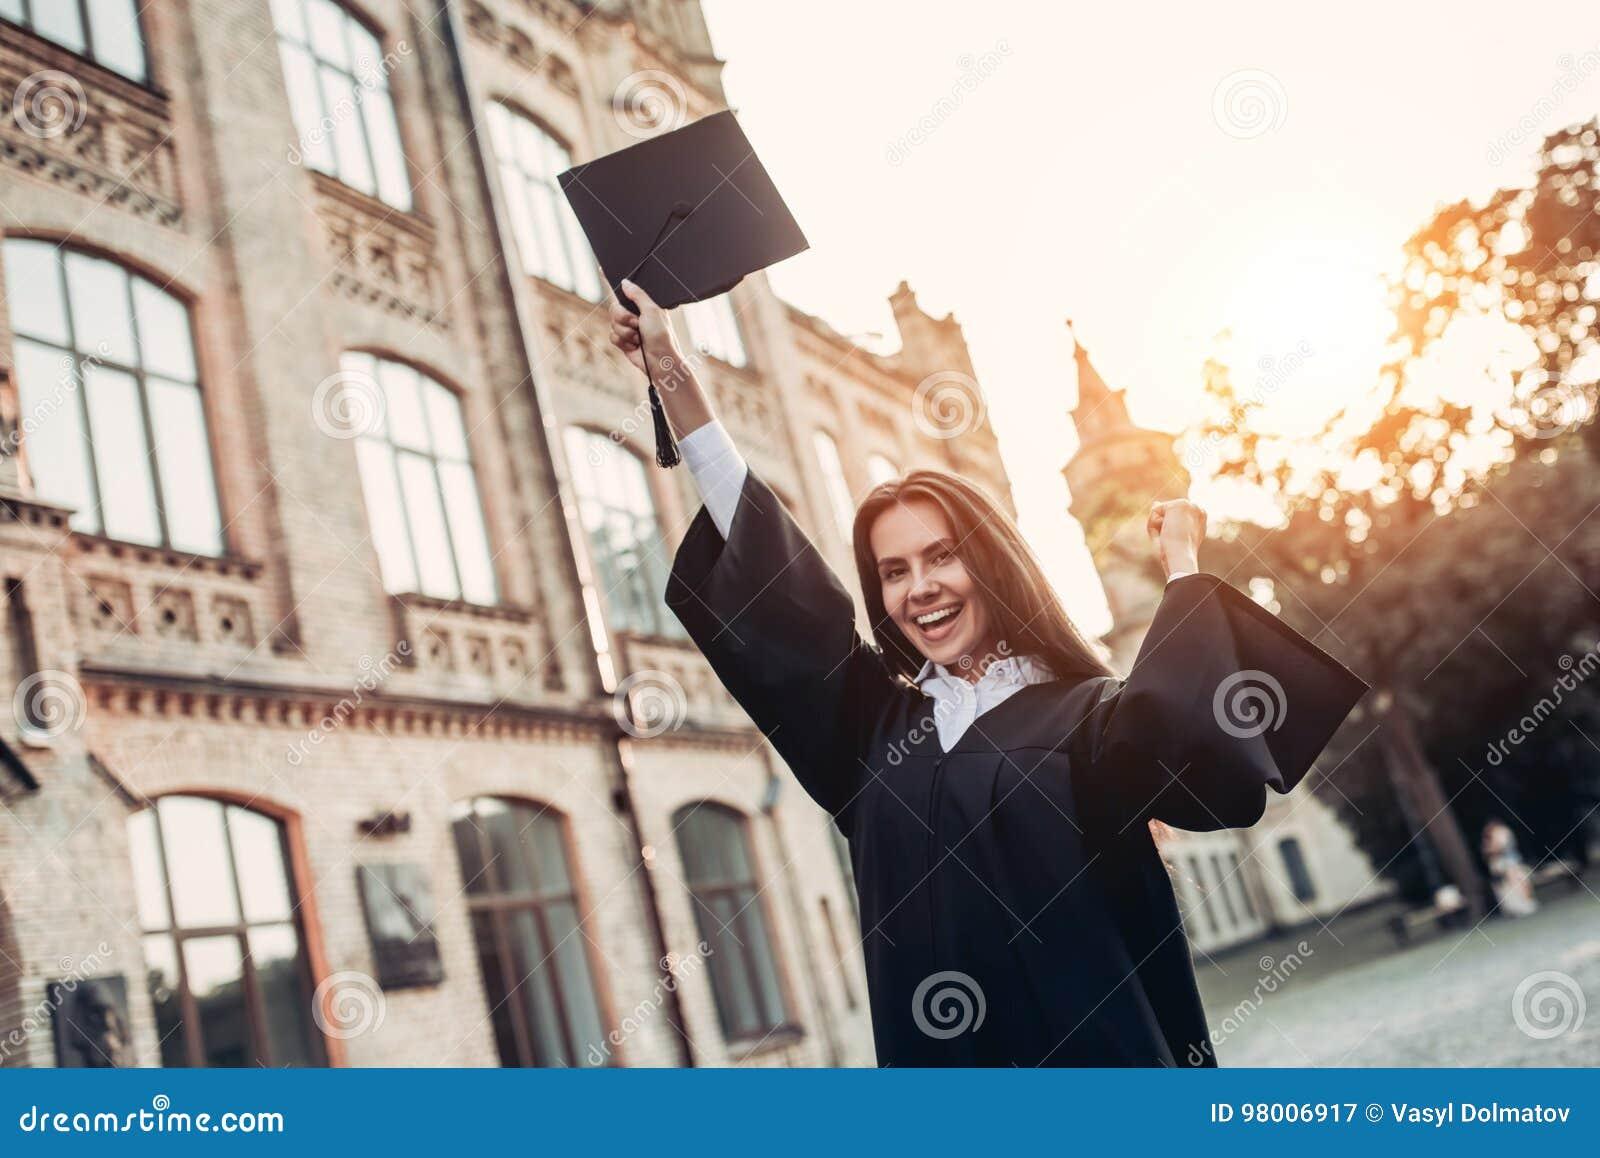 Vrouwelijke gediplomeerde dichtbij universiteit